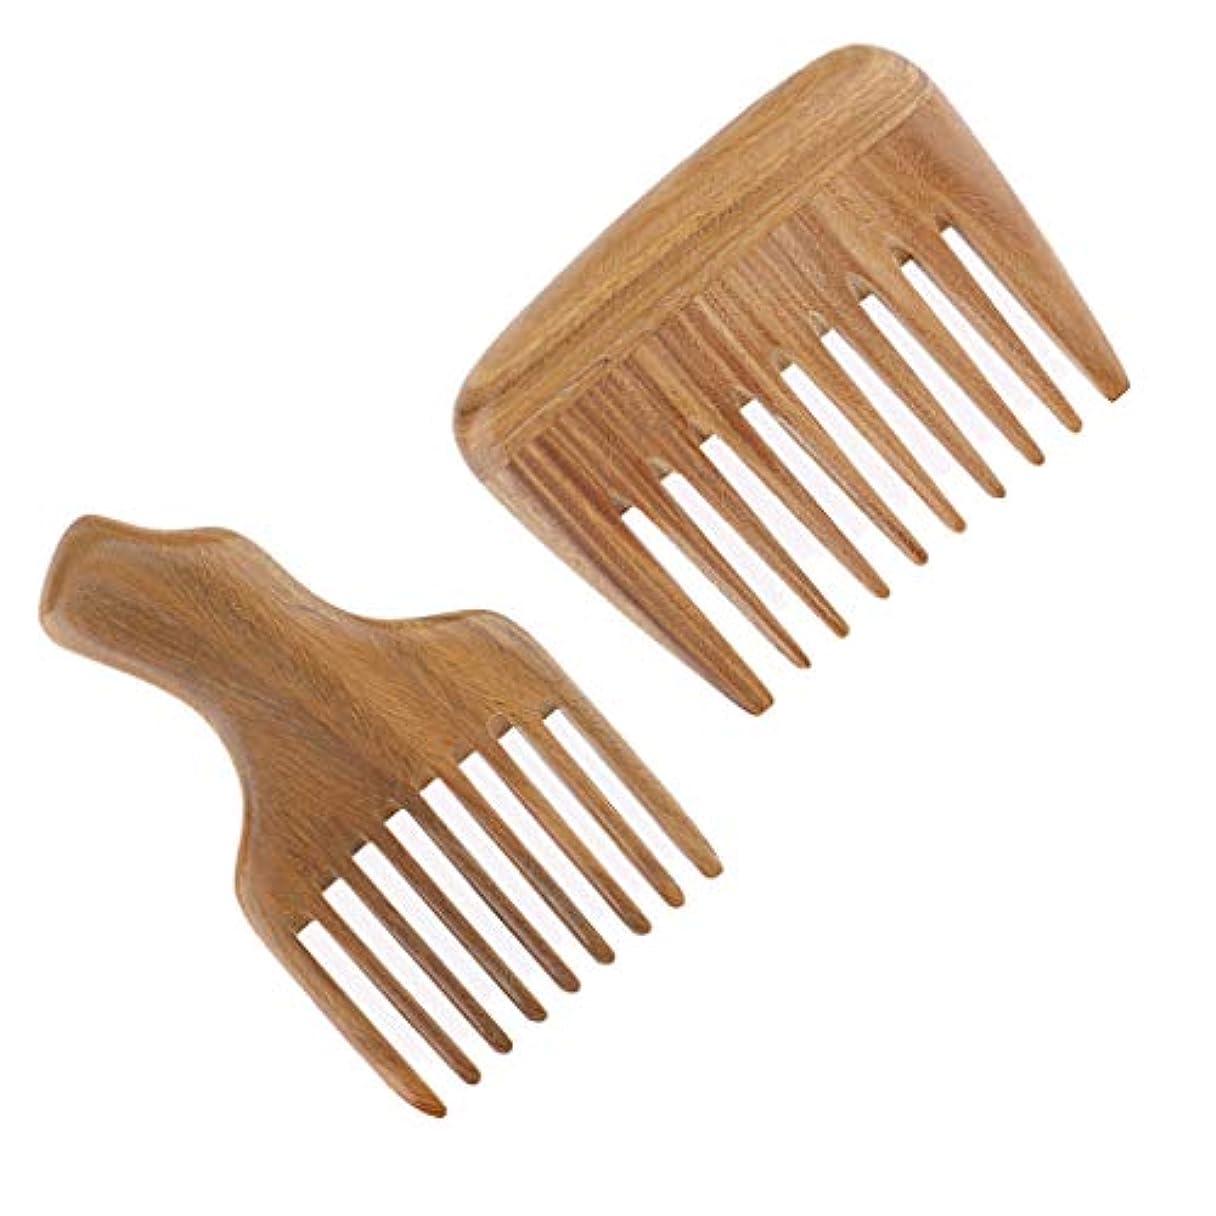 アウトドア見込みエレメンタル木製コーム ヘアブラシ ヘアコーム 粗い櫛 ユニセックス 理髪店 サロン アクセサリー 2個入り